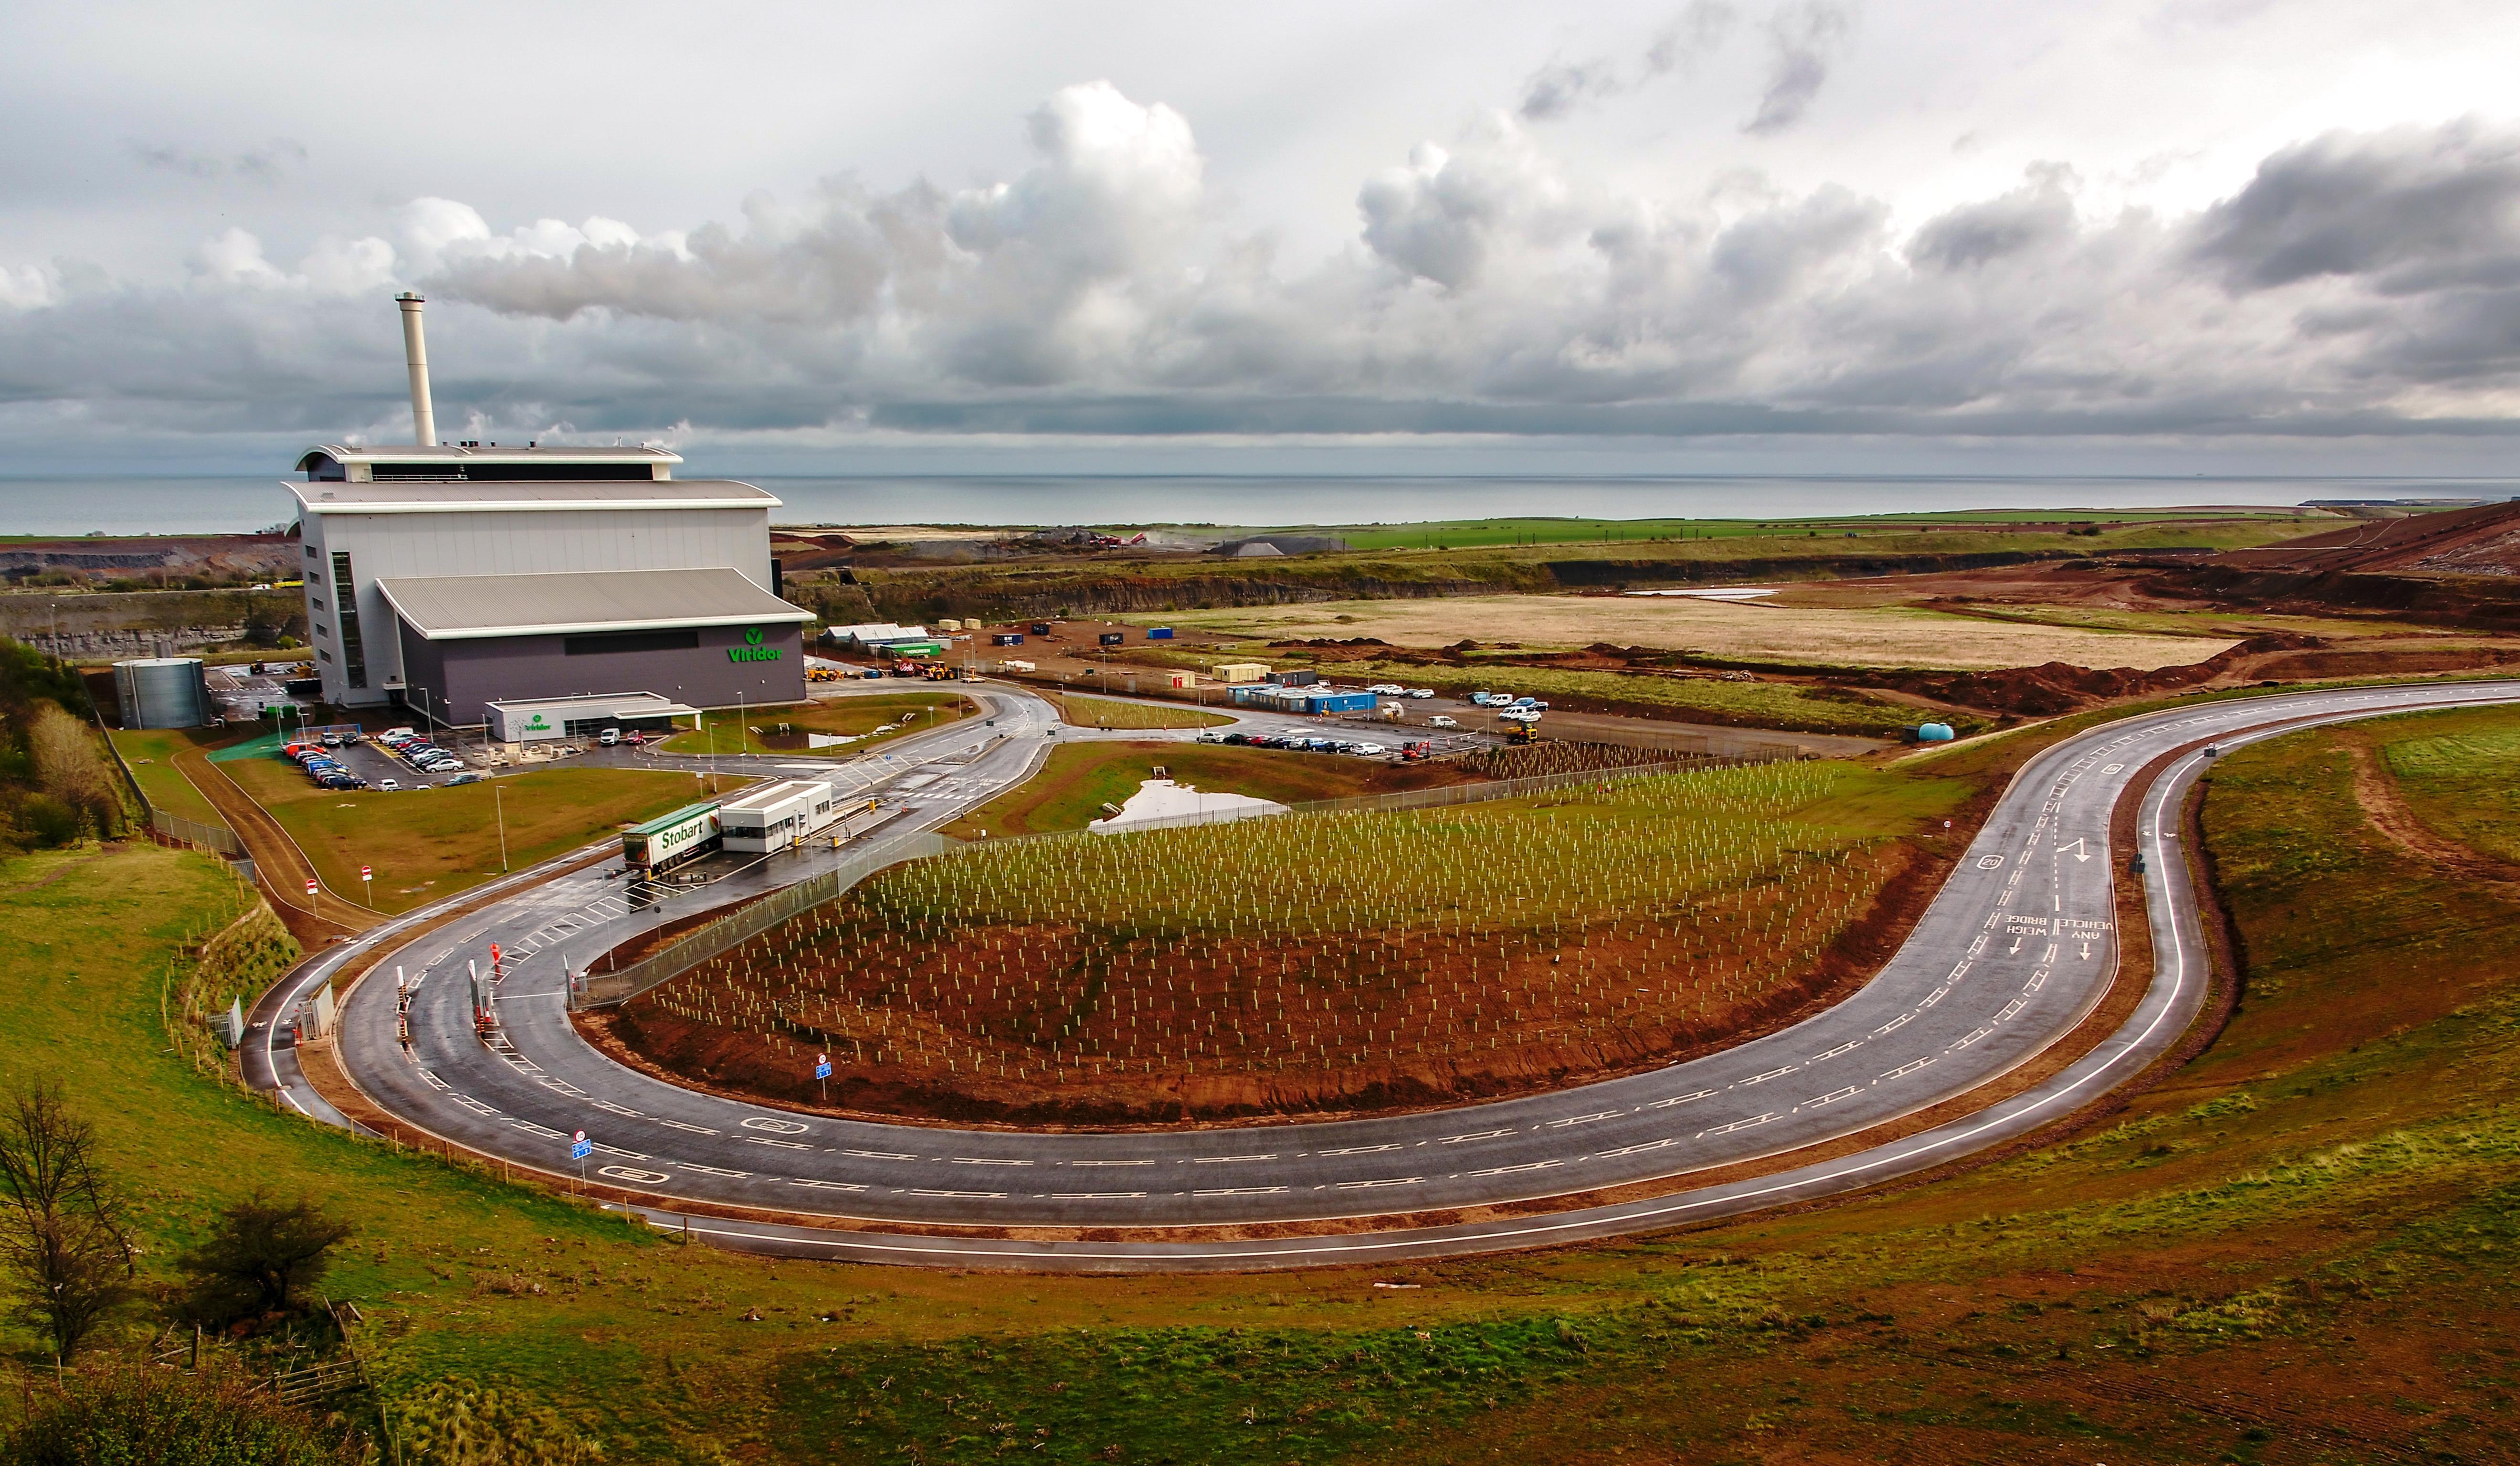 Valmet toimittaa automaation kaasunpuhdistusjärjestelmään Viridorin jätteenkäsittelylaitokselle Skotlantiin. Järjestelmä ottaa talteen hiilidioksidia ja jalostaa kaatopaikkakaasusta liikennepolttoainetta.